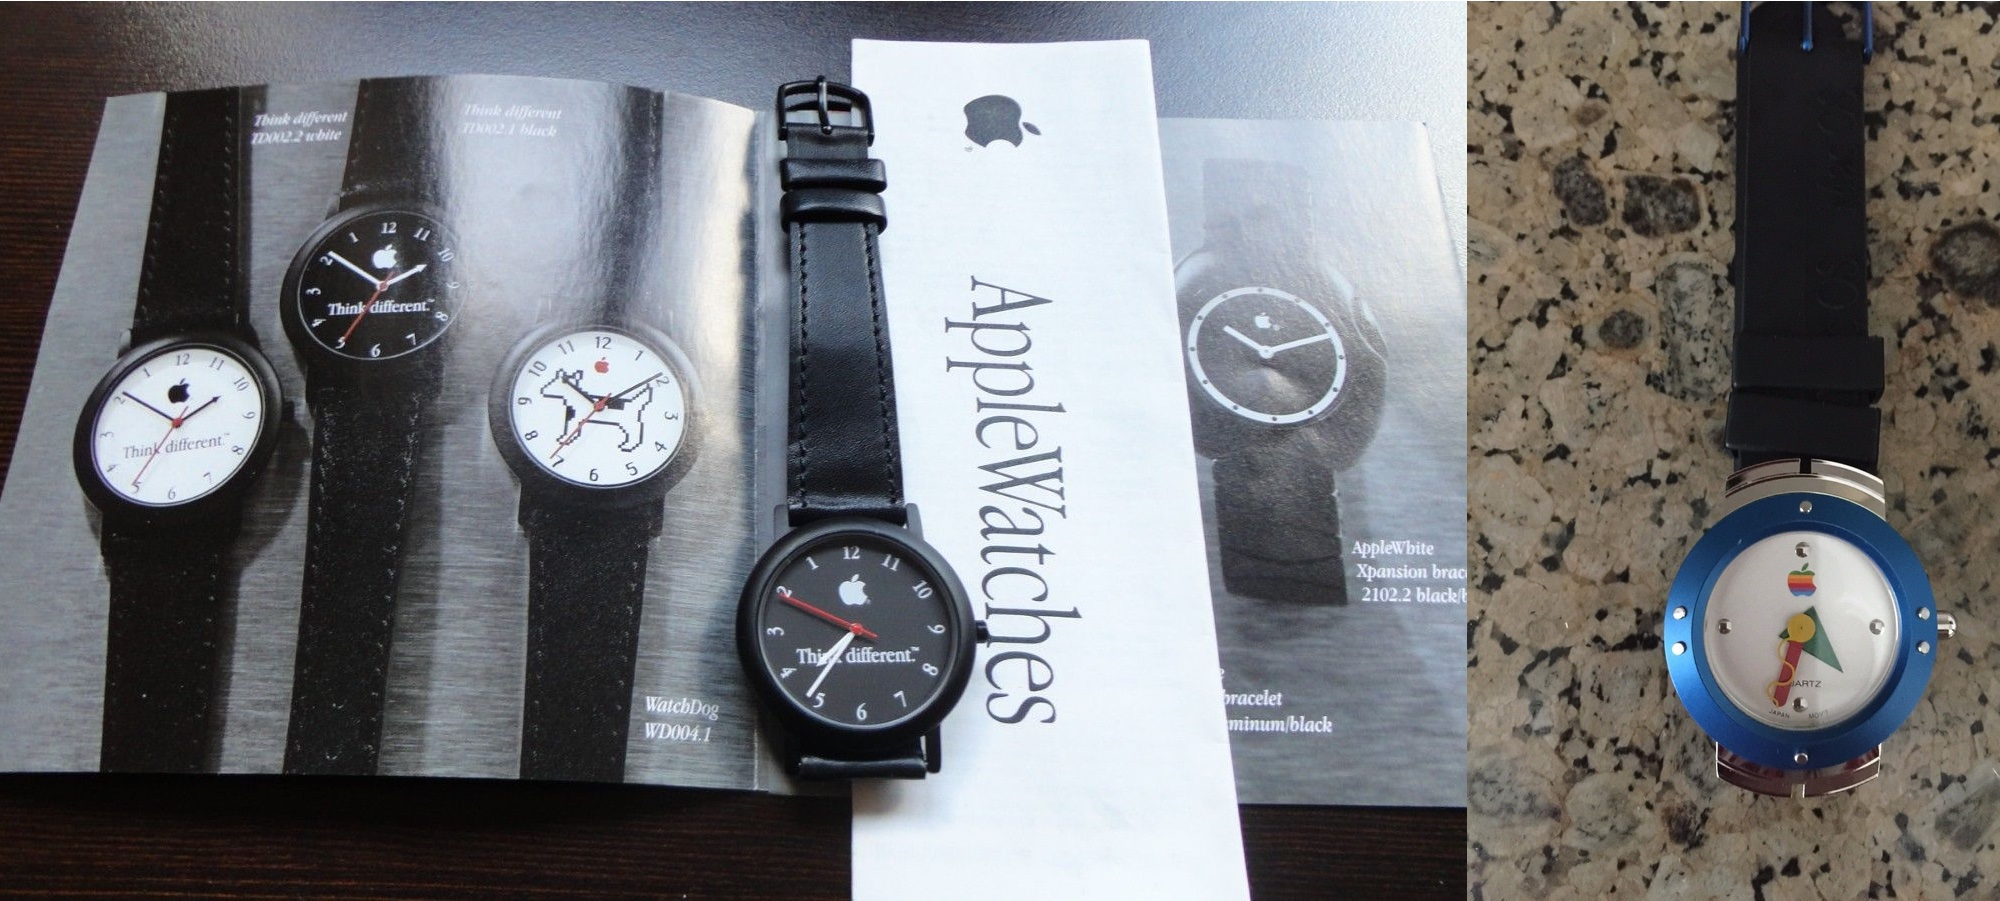 first pierwszy apple watch